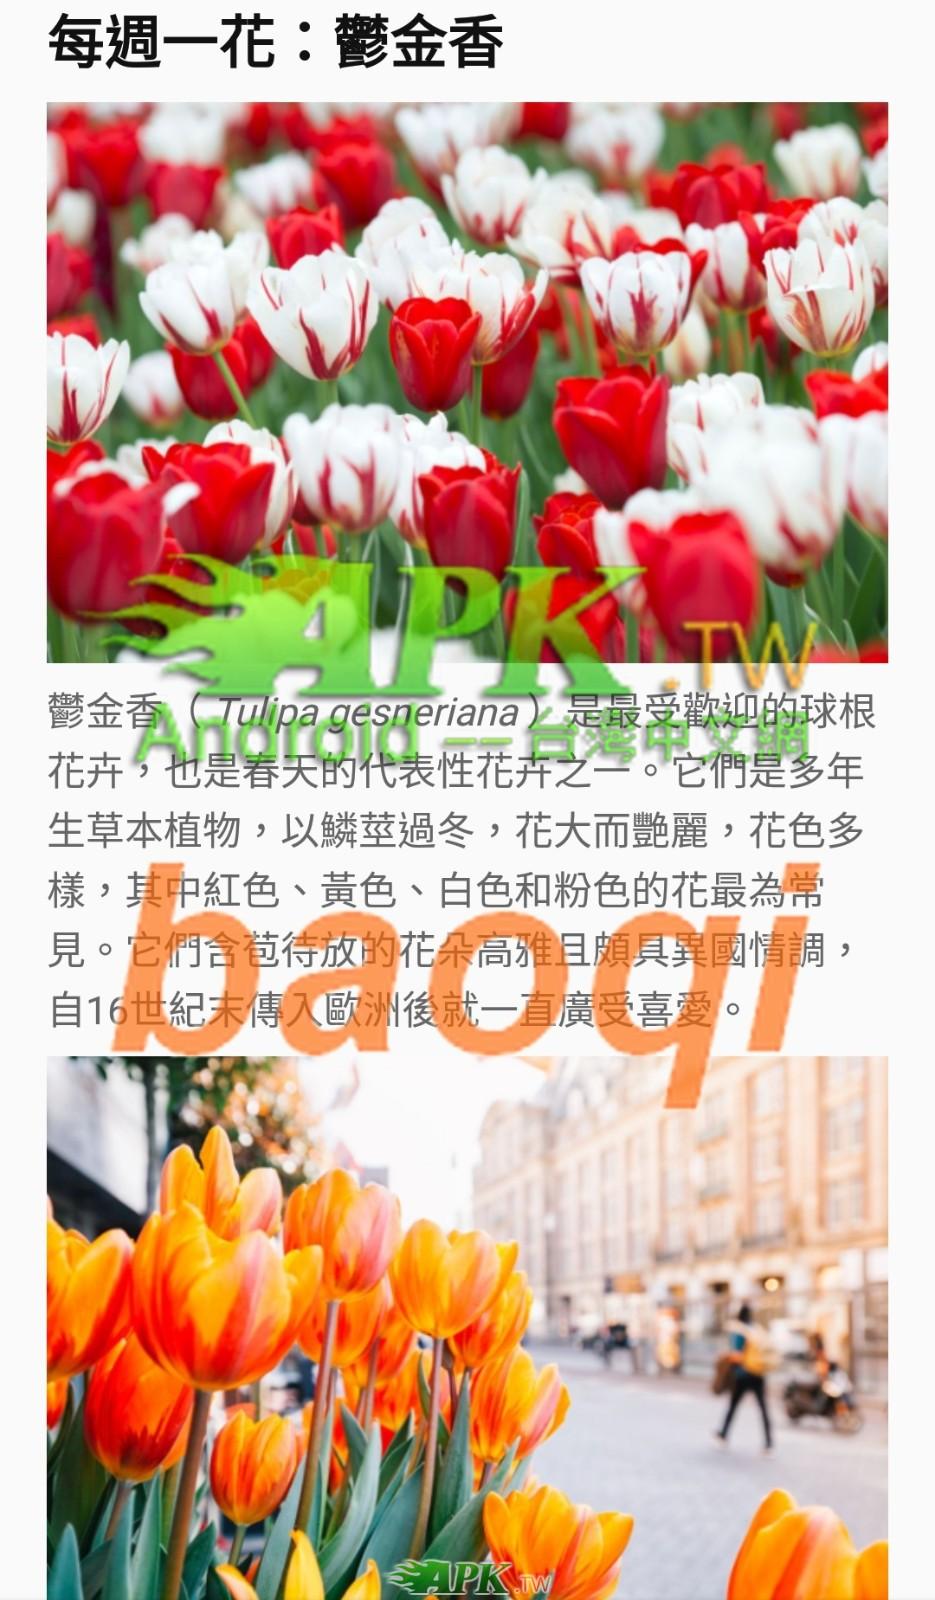 PictureThis__4_.jpg